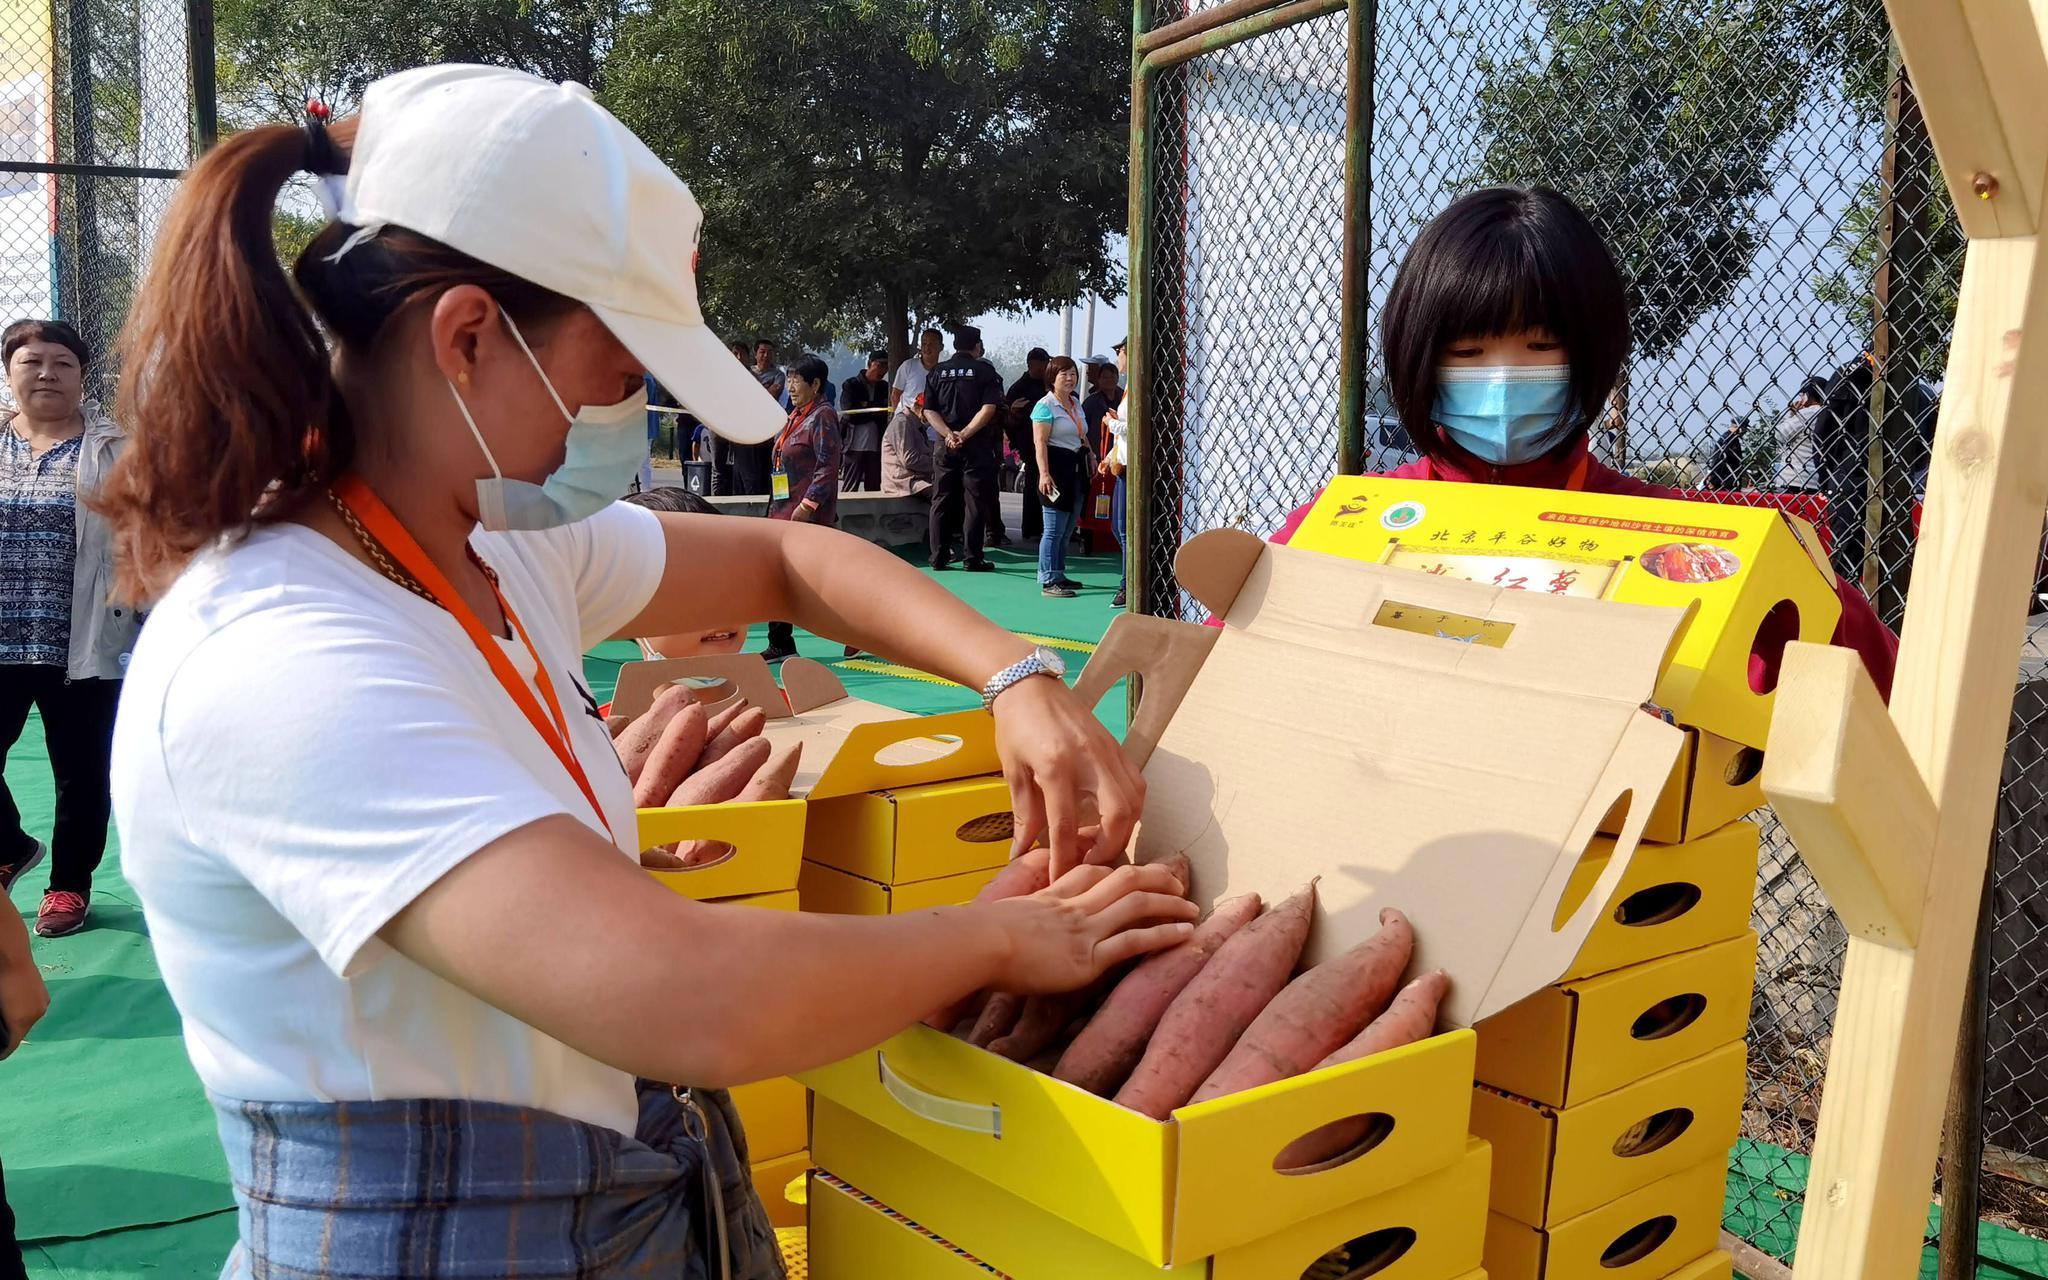 夏各庄镇第二届红薯文化节开幕 老手艺人现场展示传统技艺